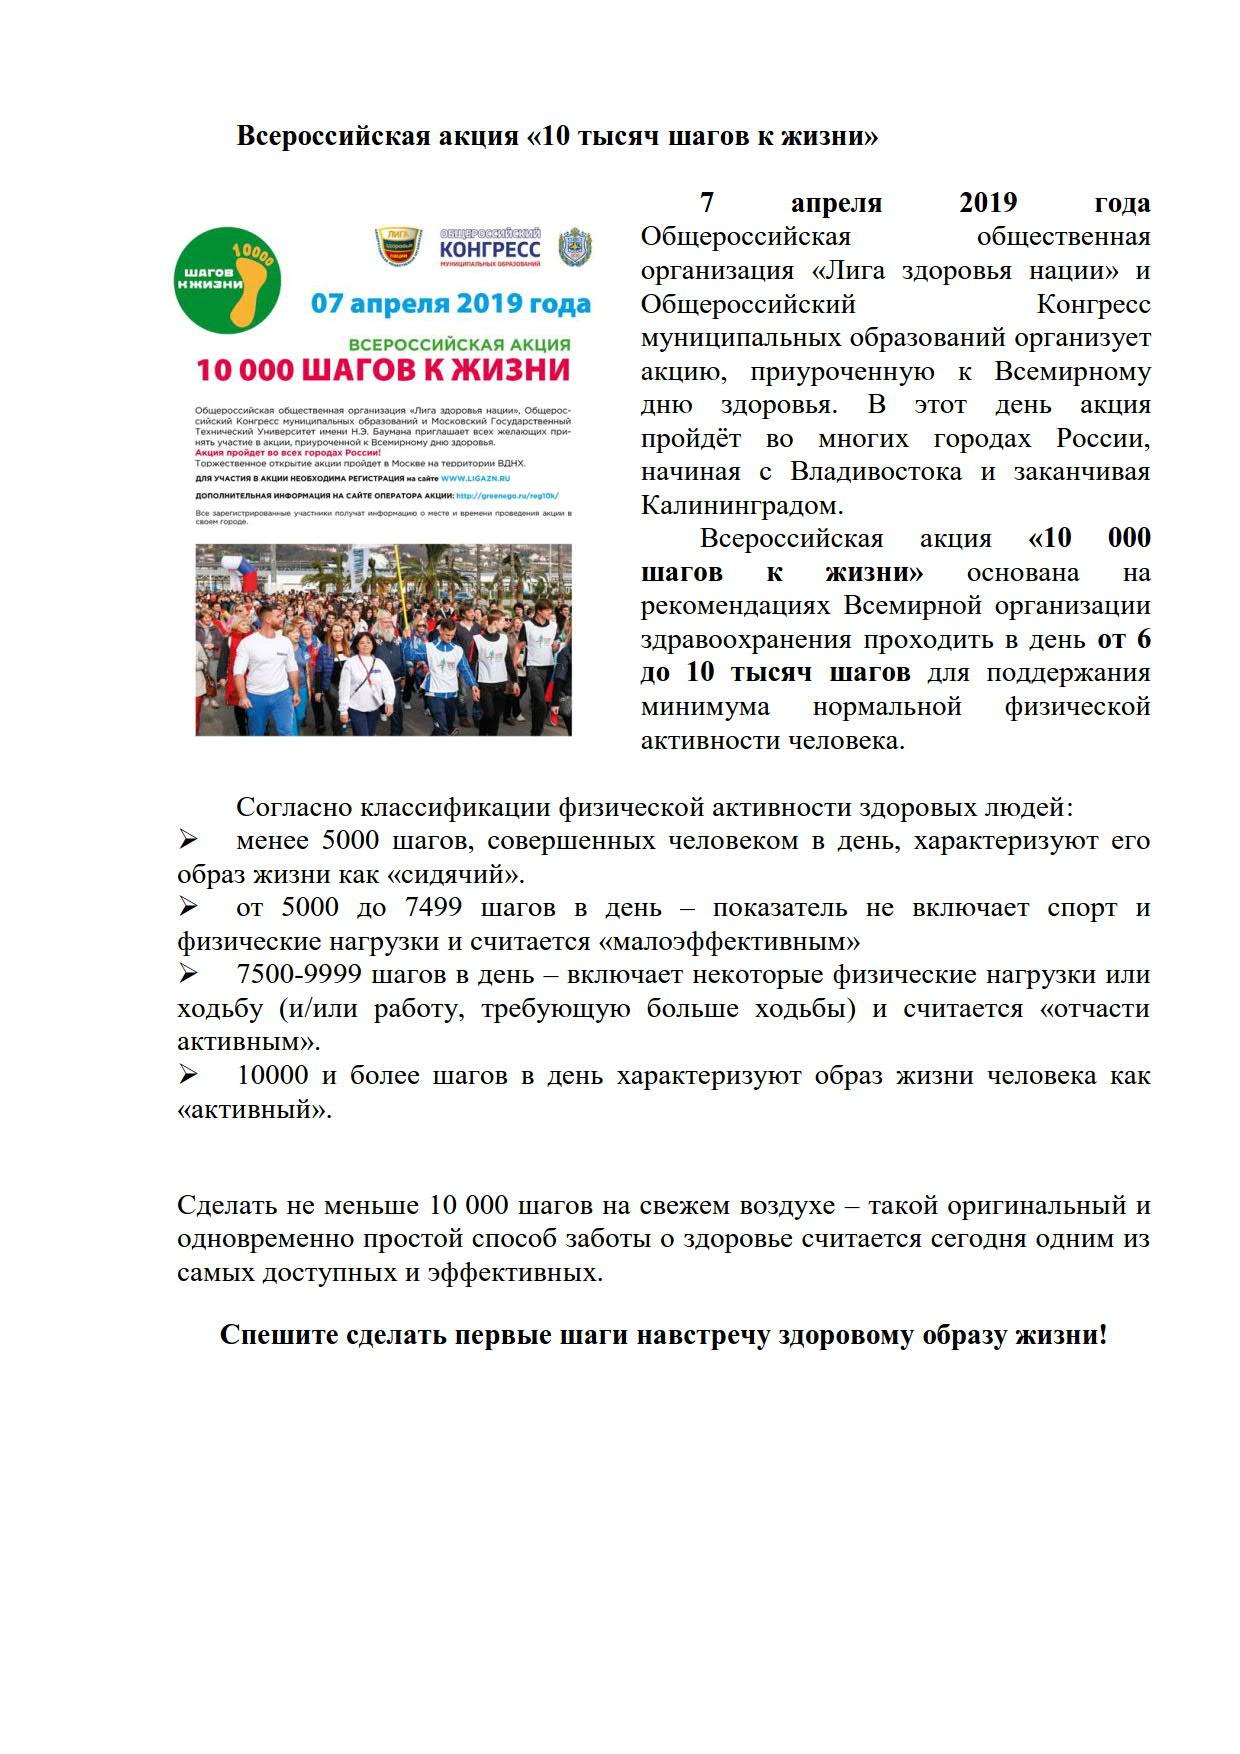 Всероссийская акция 10000 шагов_1